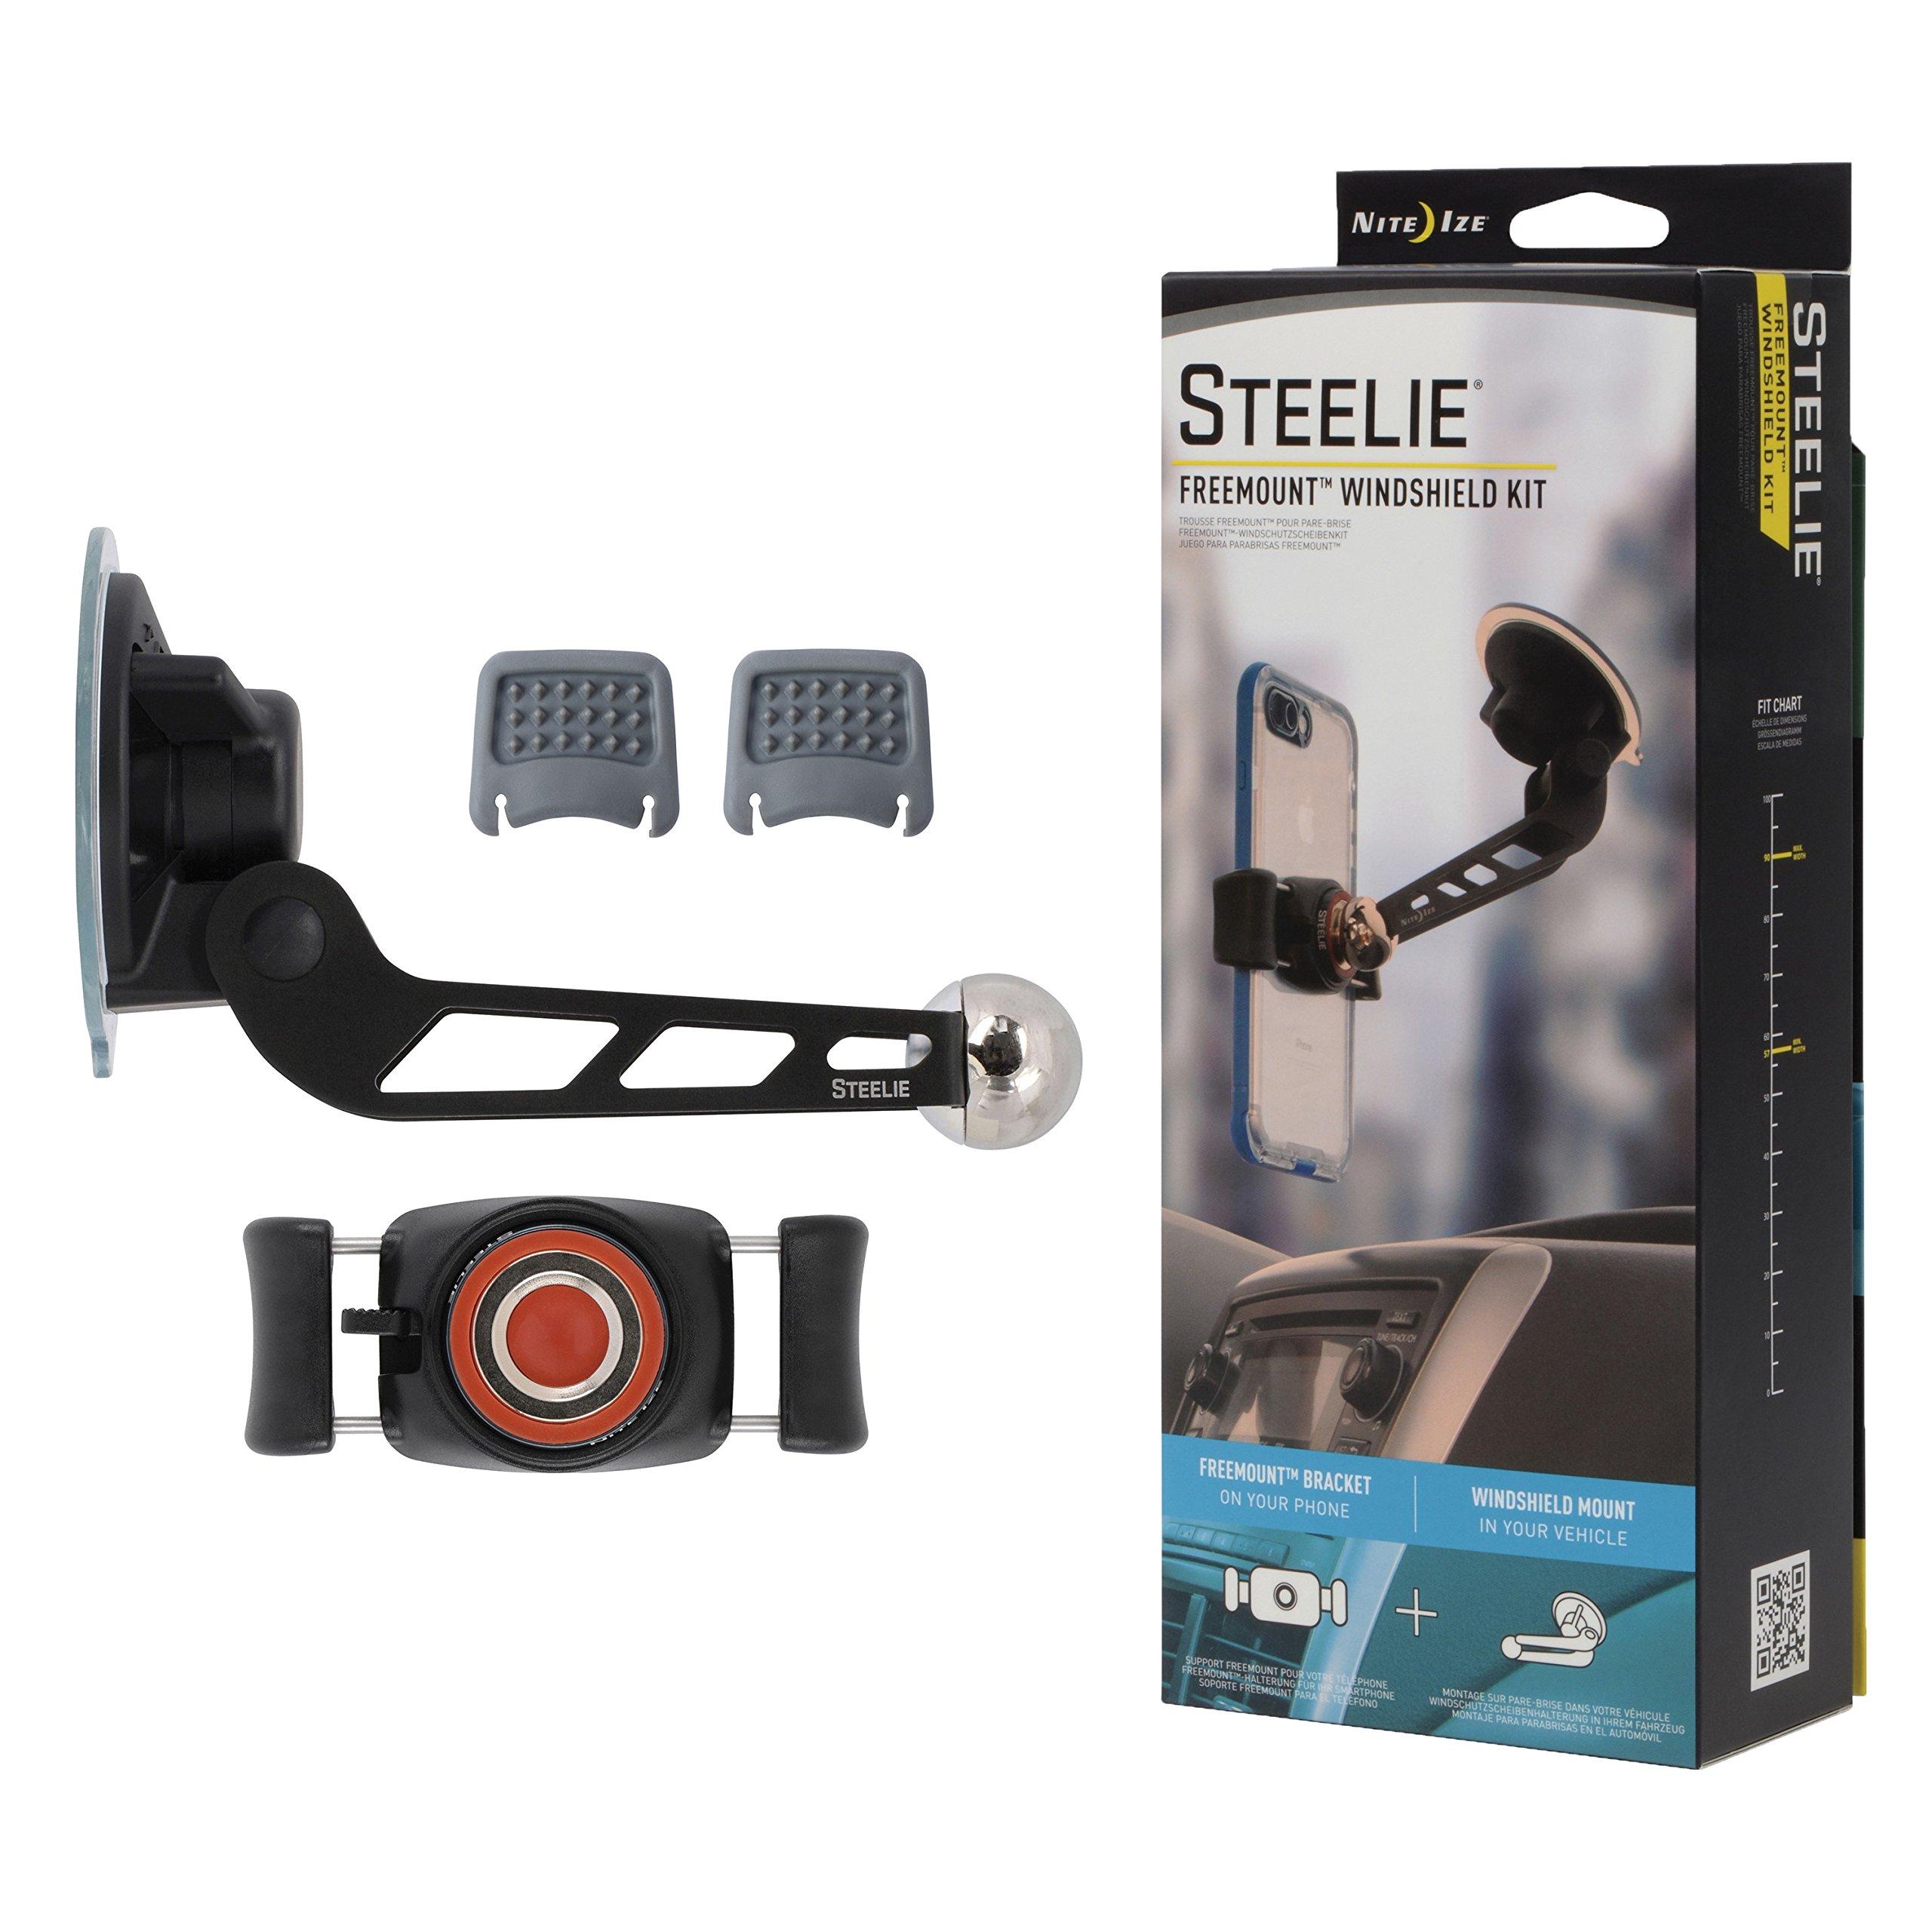 Nite Ize Original Steelie Freemount Windshield Kit - Adjustable Magnetic Bracket + Car Windshield Mount for Smartphones